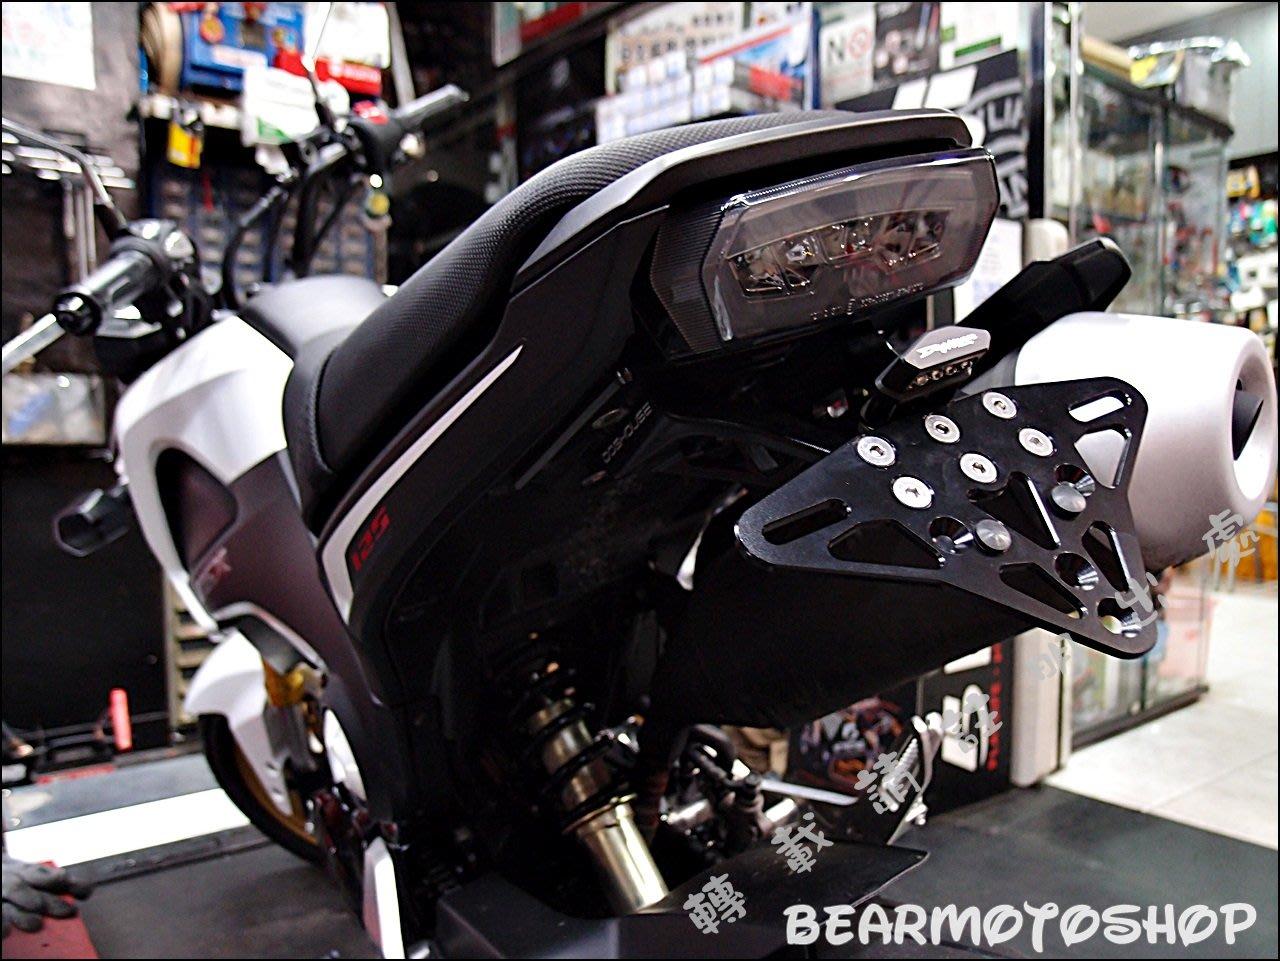 【貝爾摩托車精品店】惡搞手工廠 HONDA MSX 125 SF CNC 大牌架 牌照板 后土除 GROM 多色可選